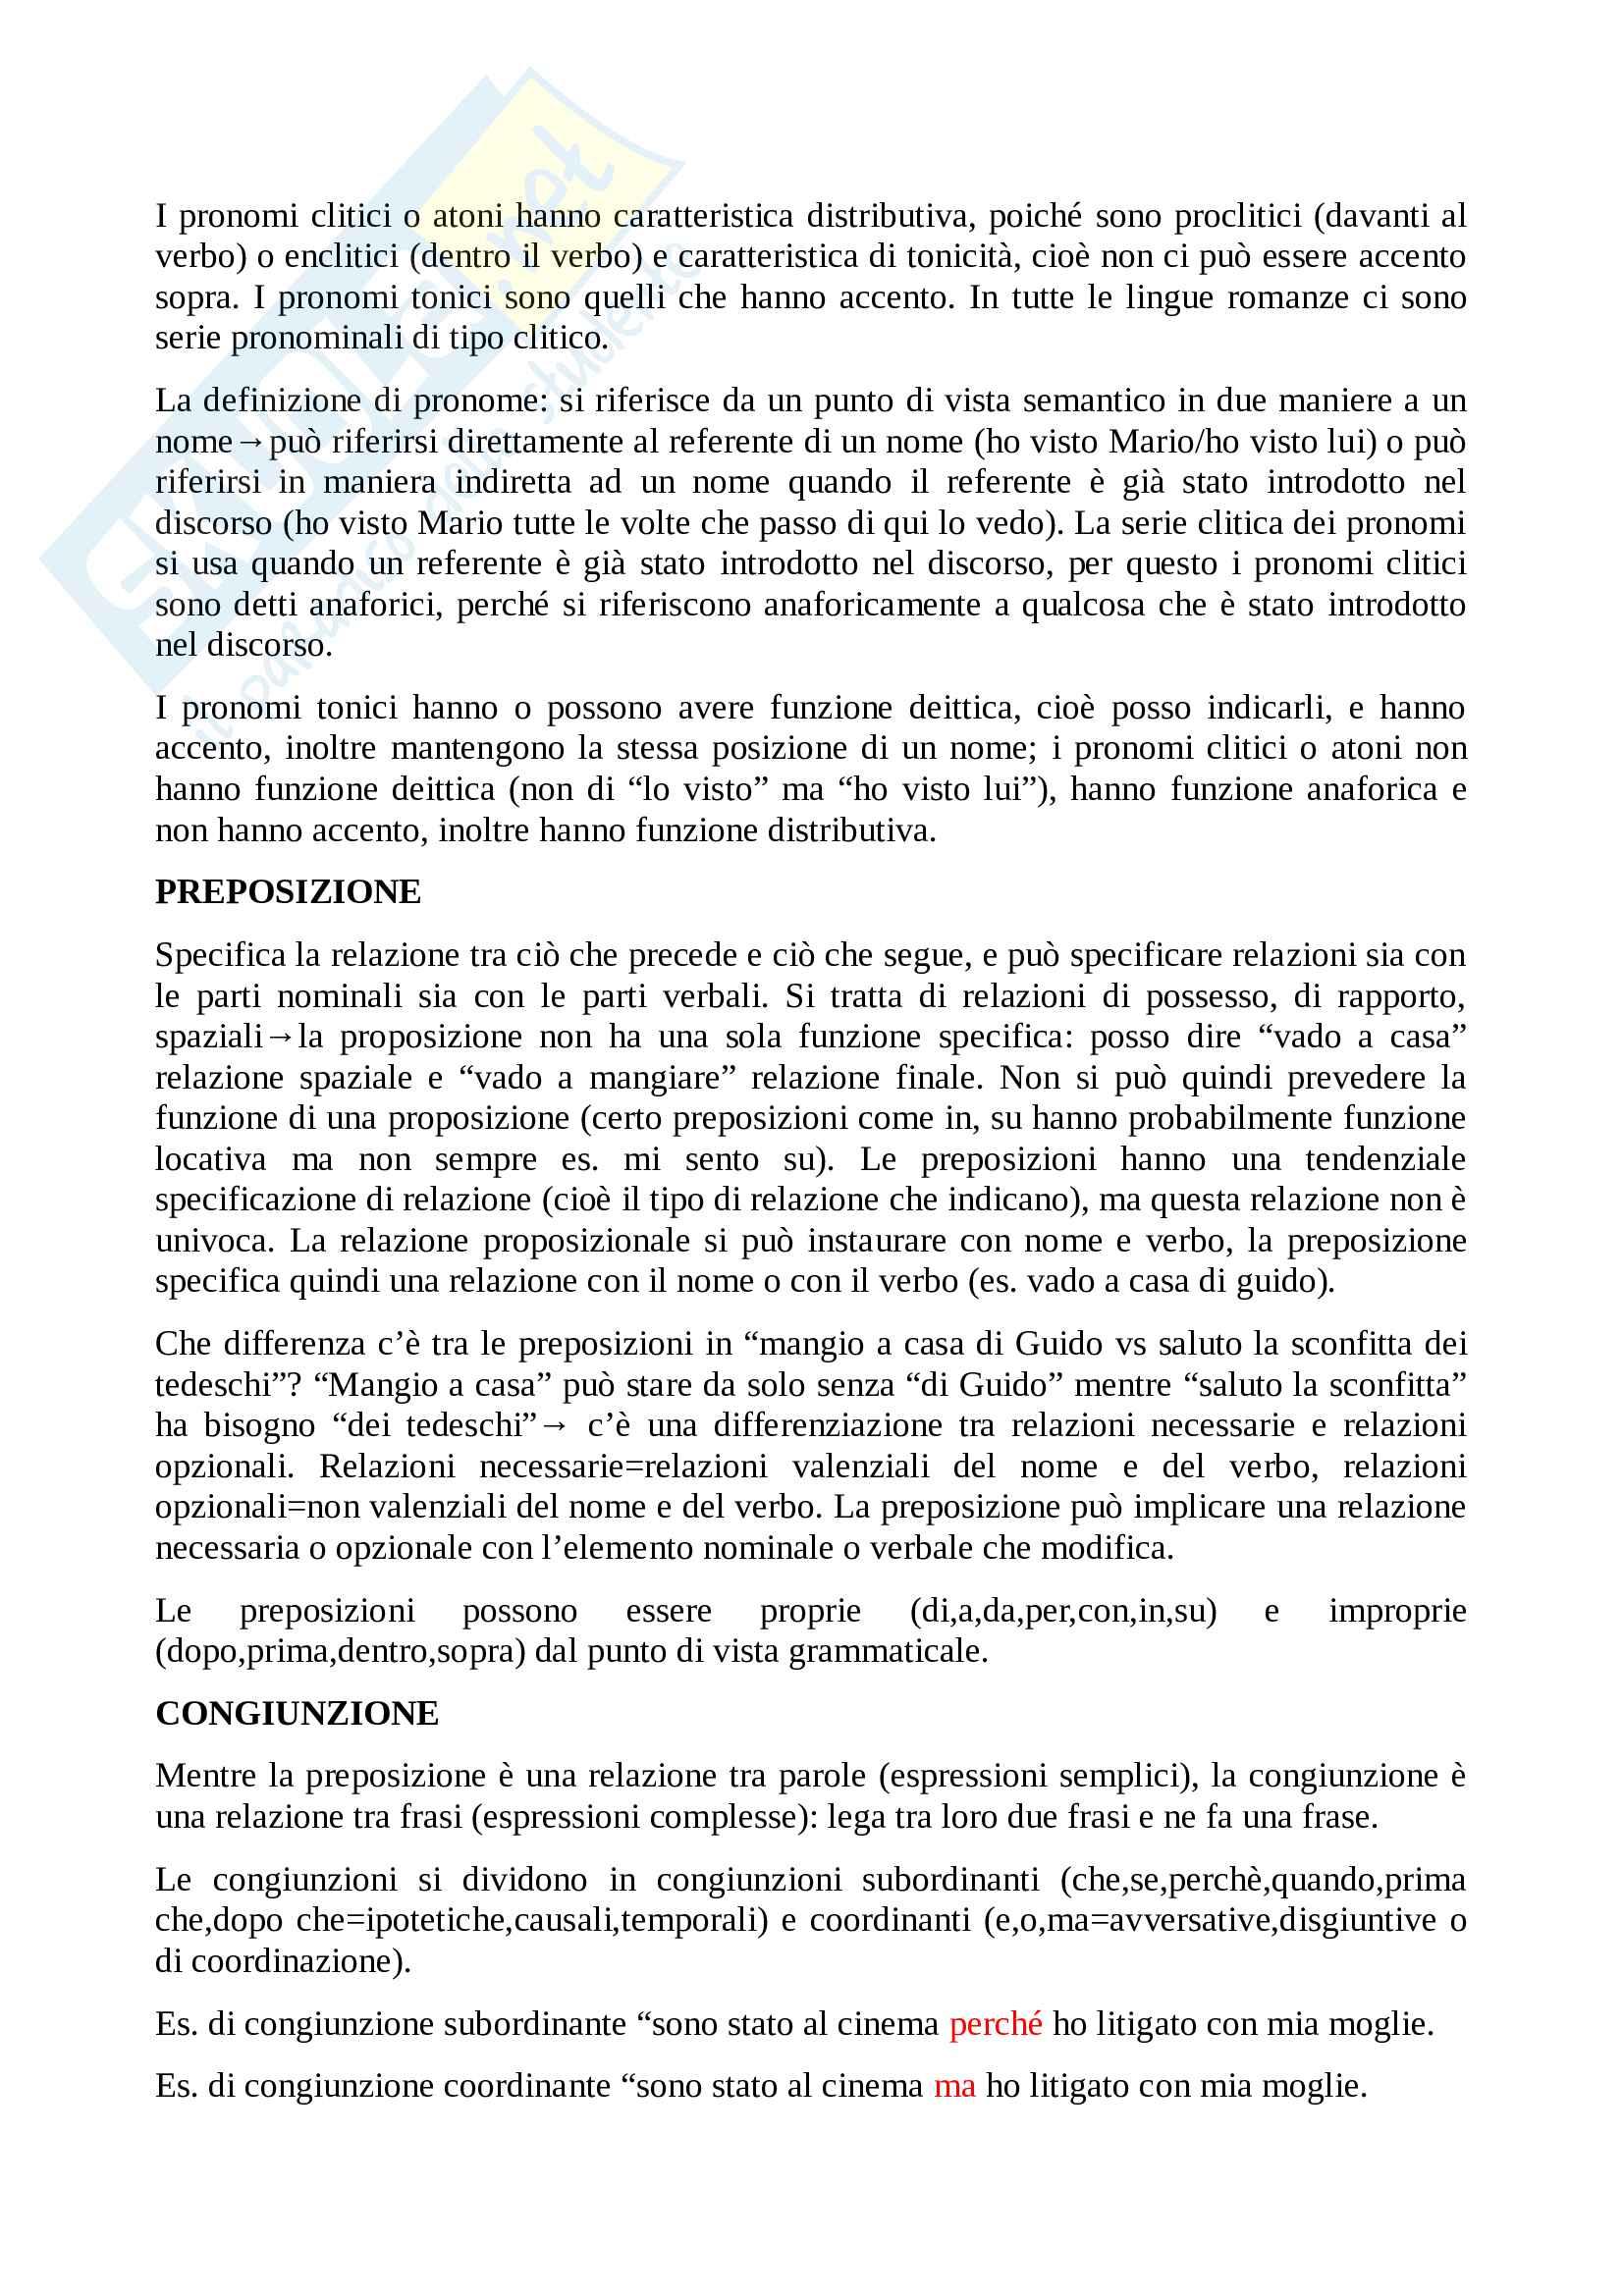 Linguistica generale - linguaggio e comunicazione, sintassi e fonetica Pag. 41